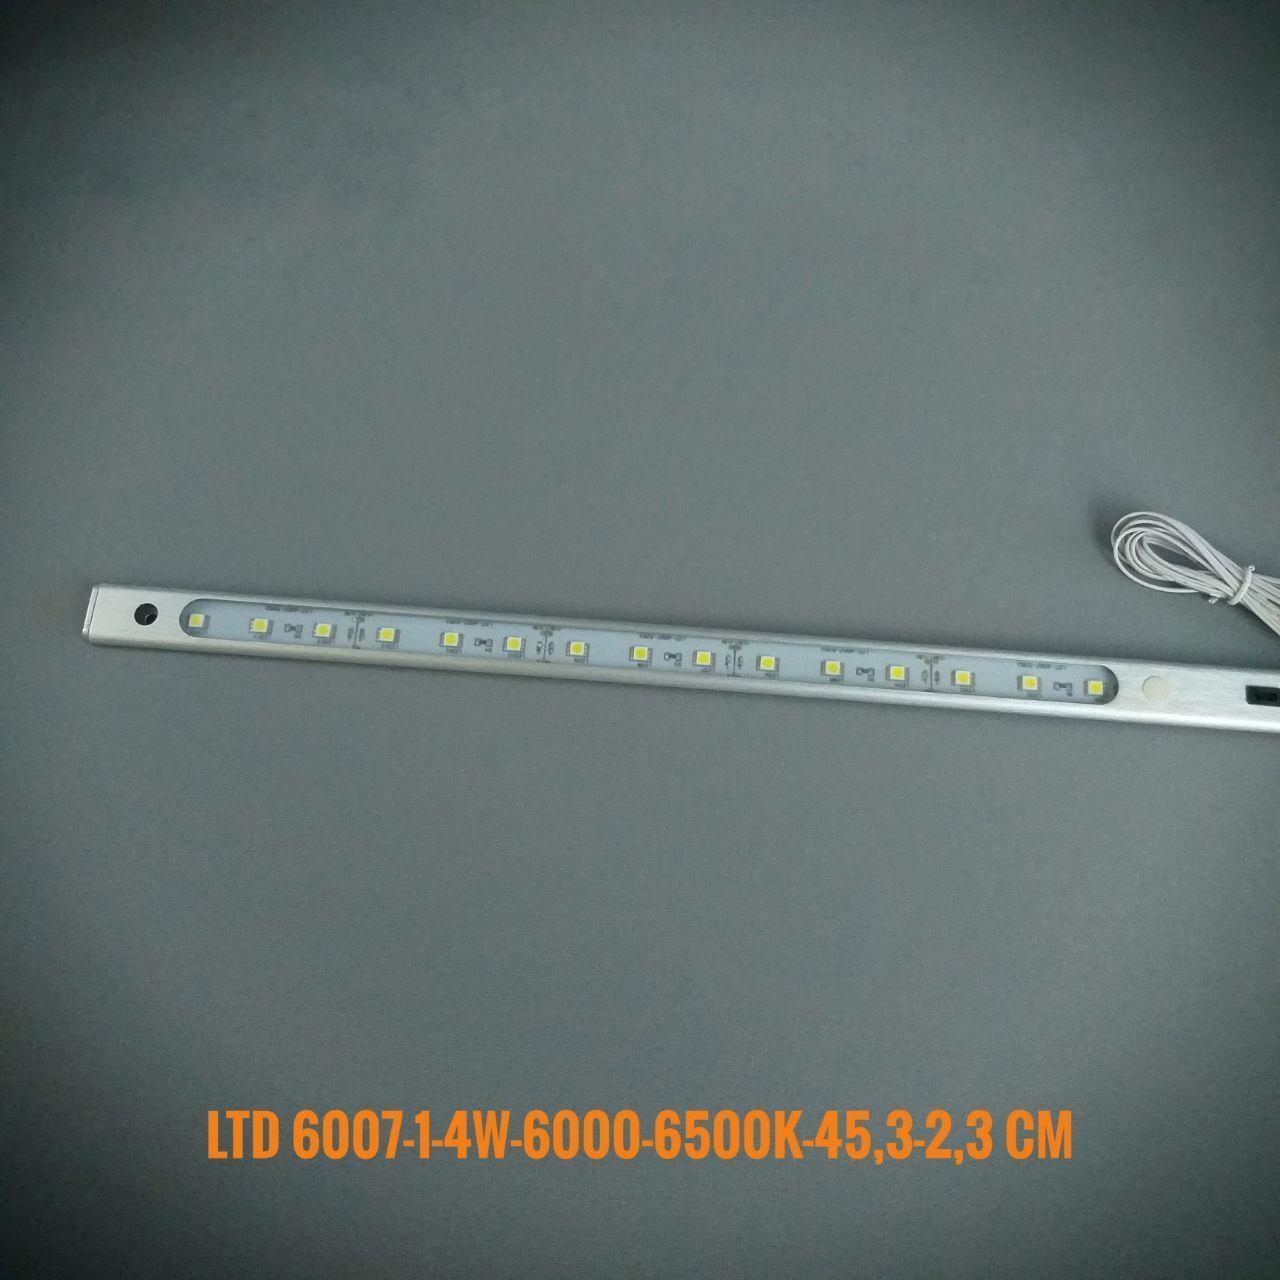 Мебельный встраиваемый светильник LDT-6007-1 W 3,0Wt